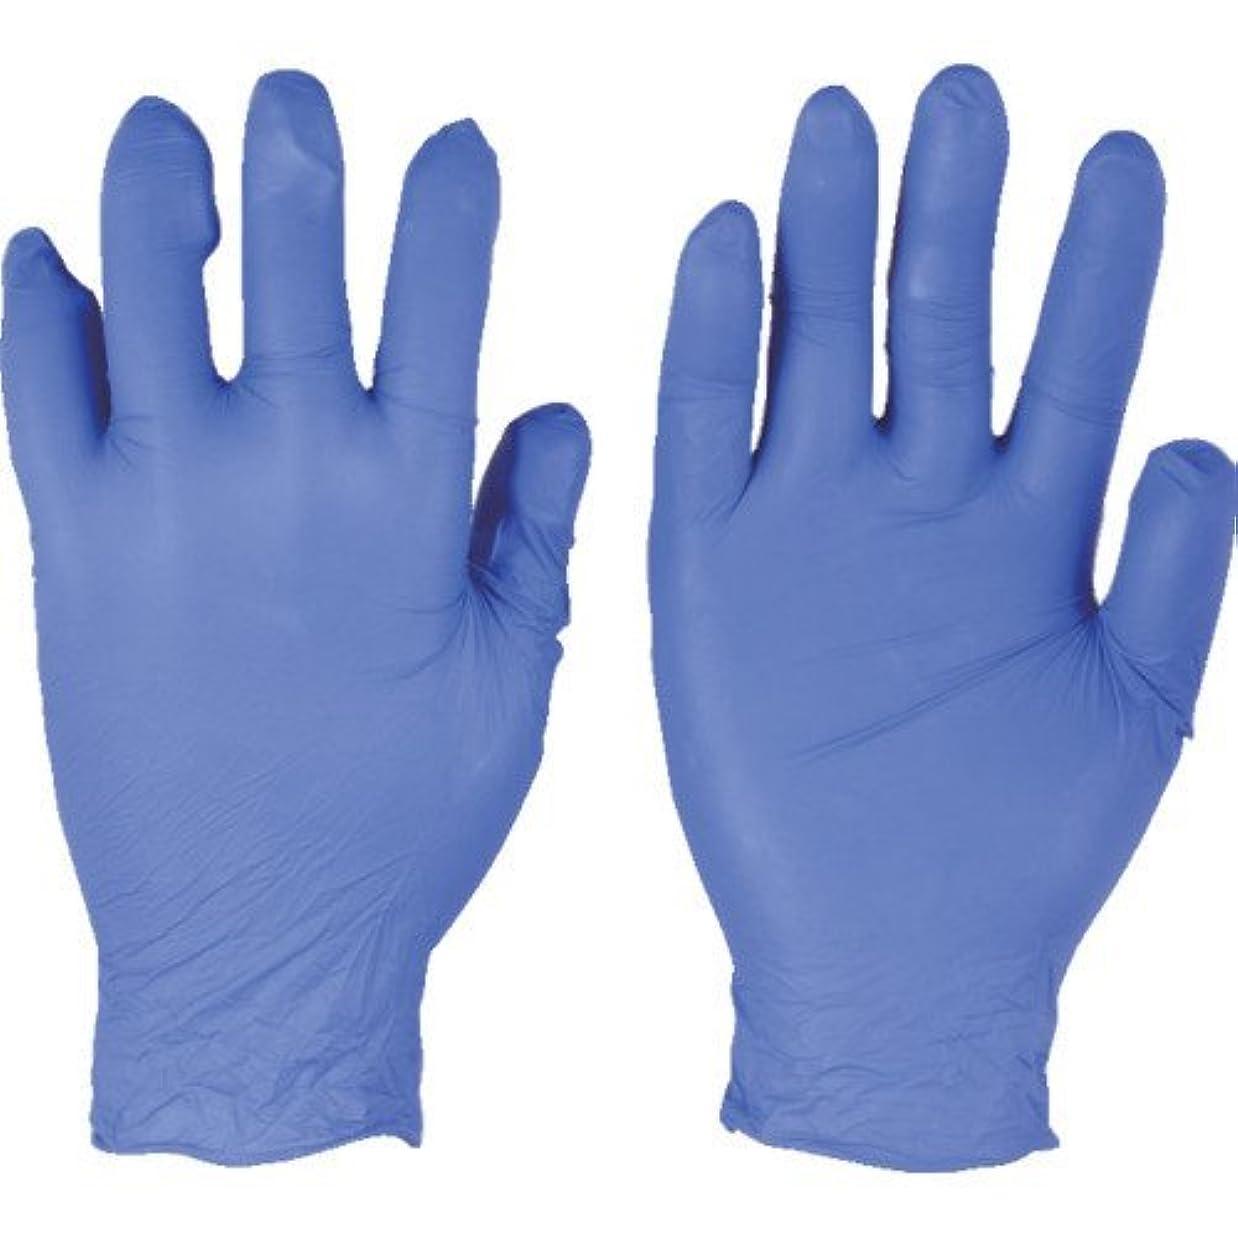 米国そこ保護するトラスコ中山 アンセル ニトリルゴム使い捨て手袋 エッジ 82-133 Lサイズ(300枚入り)  (300枚入) 821339